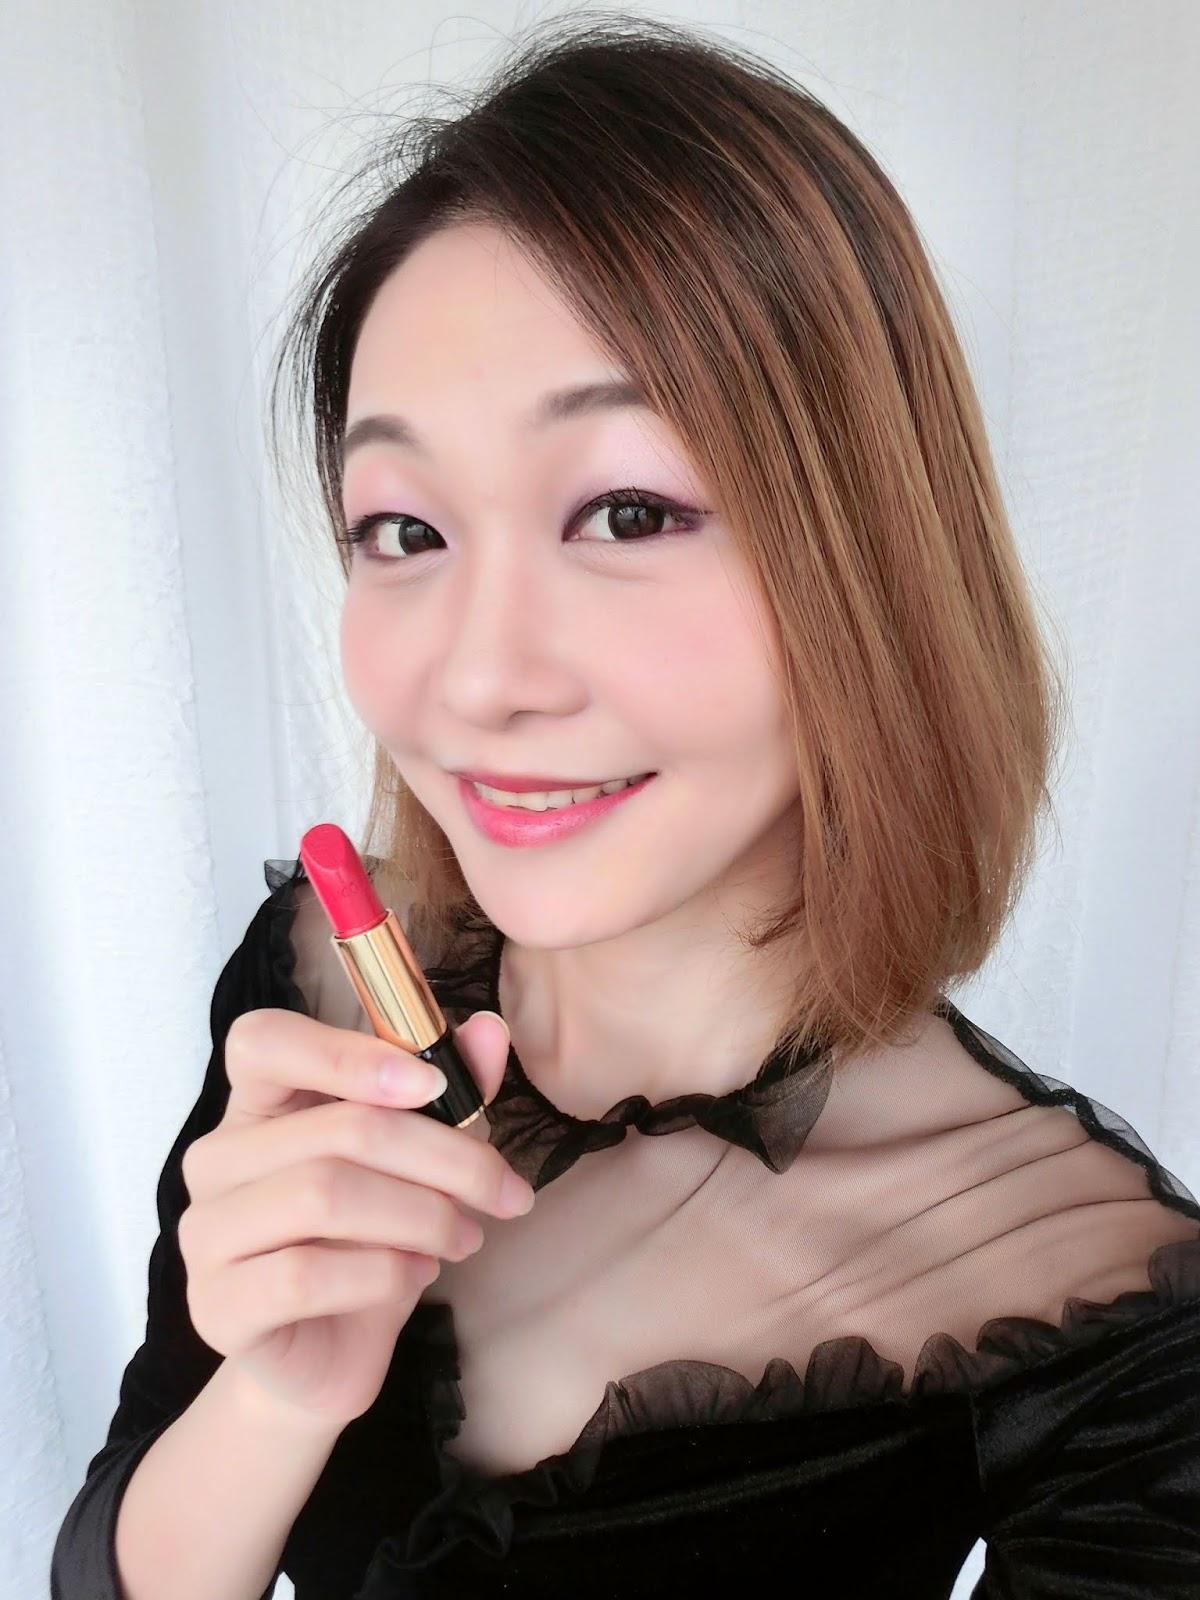 Beautylife HK - 設計屬於你的專屬唇膏 Lancome 個人化刻名服務